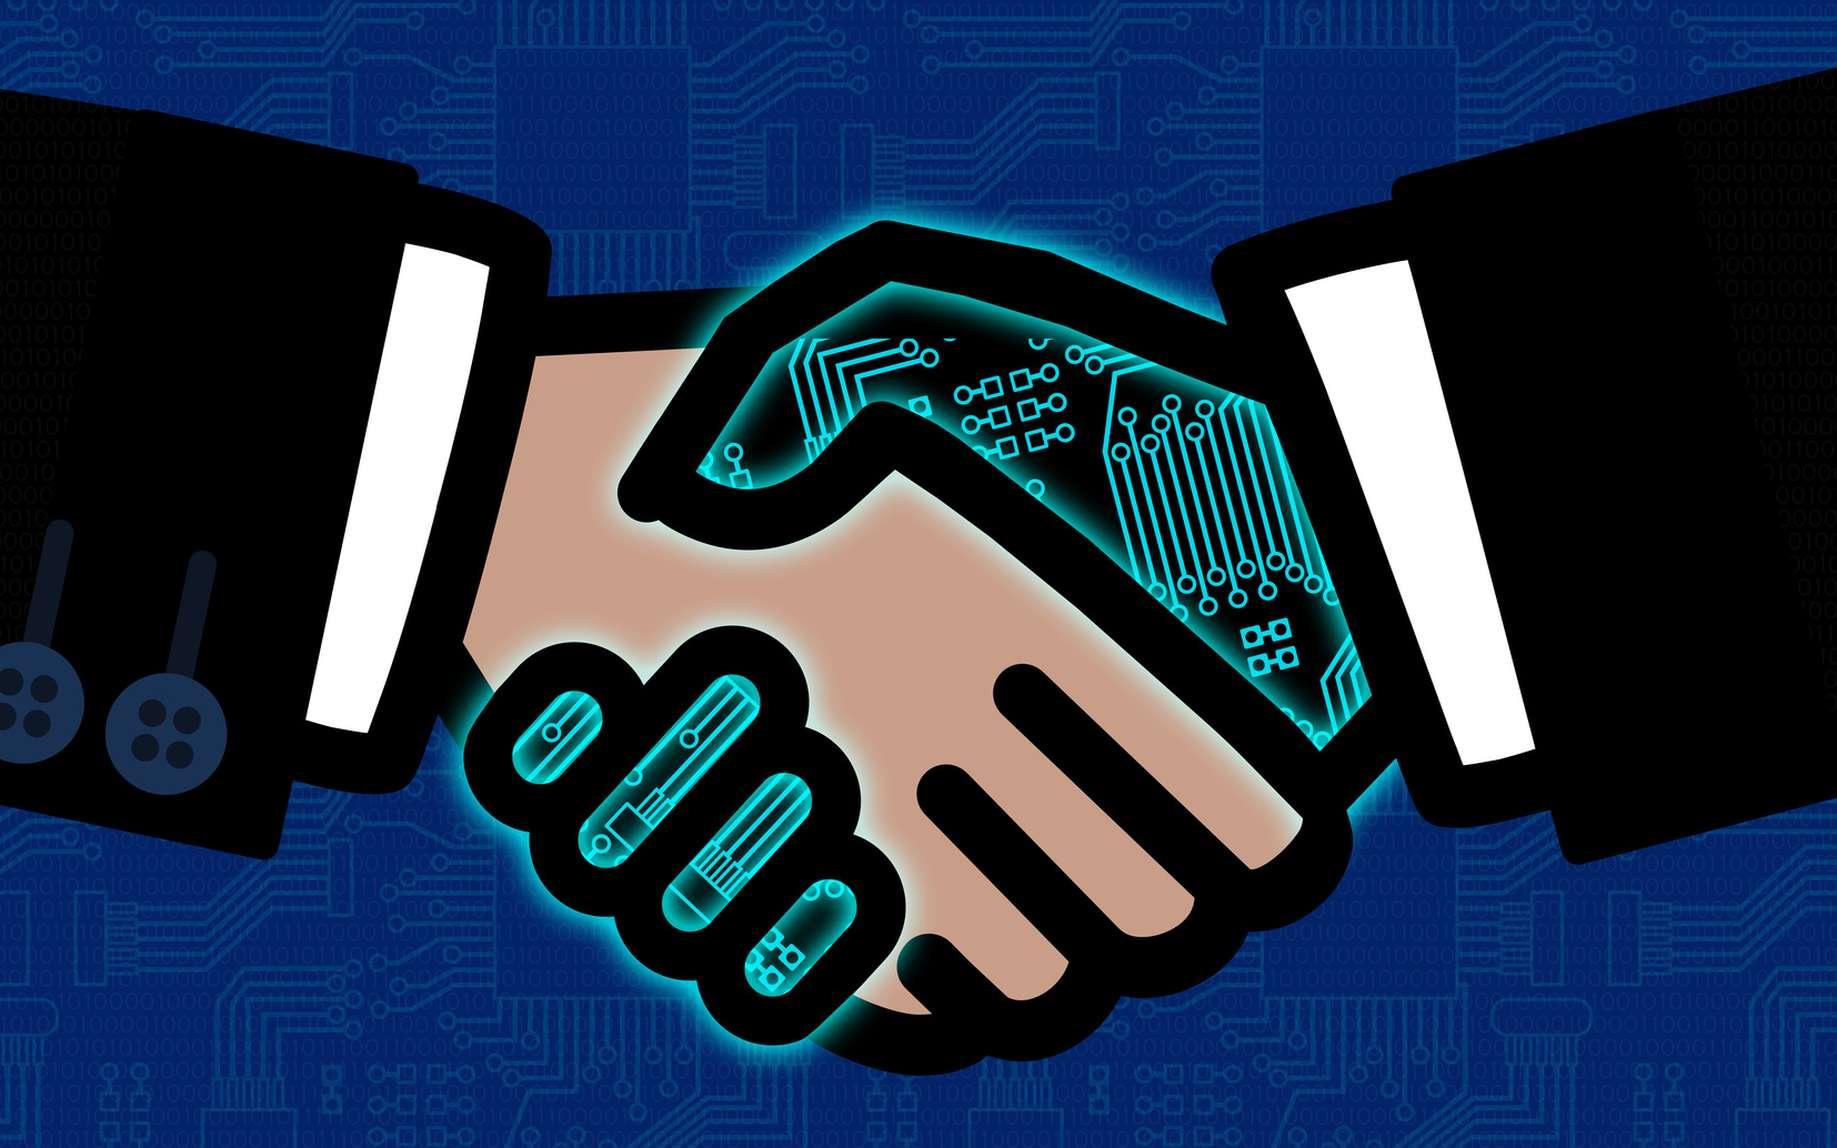 La collaboration entre humains et robots pourrait être grandement simplifiée grâce aux travaux de Nvidia. © Fotohansel, Fotolia